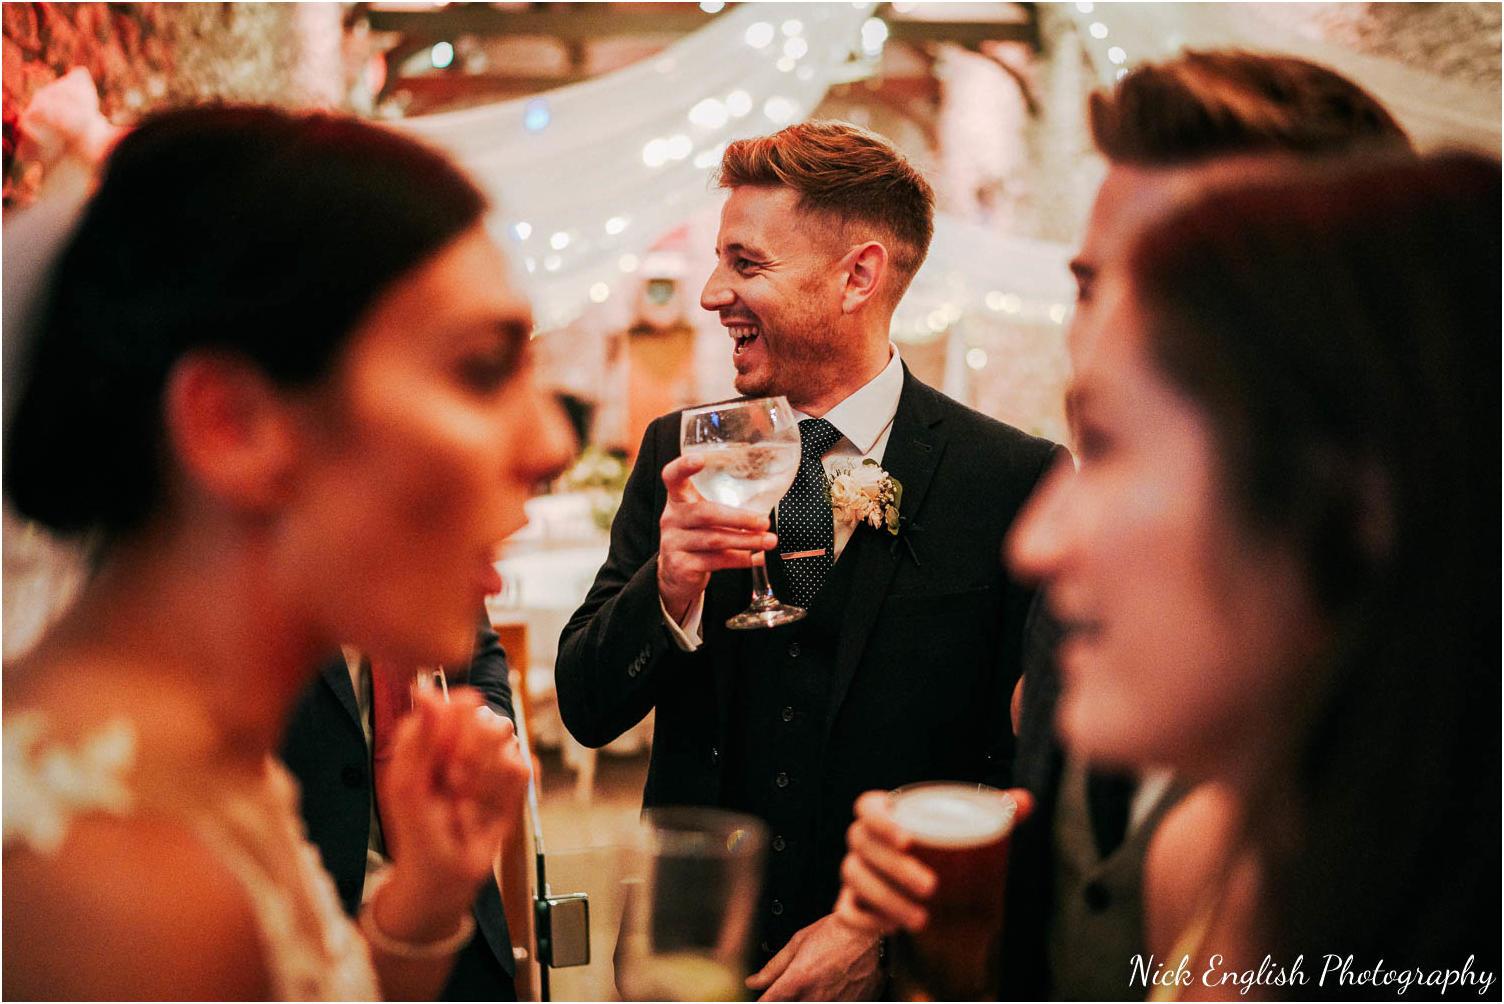 Browsholme_Hall_Barn_Wedding_Nick_English_Photography-188.jpg